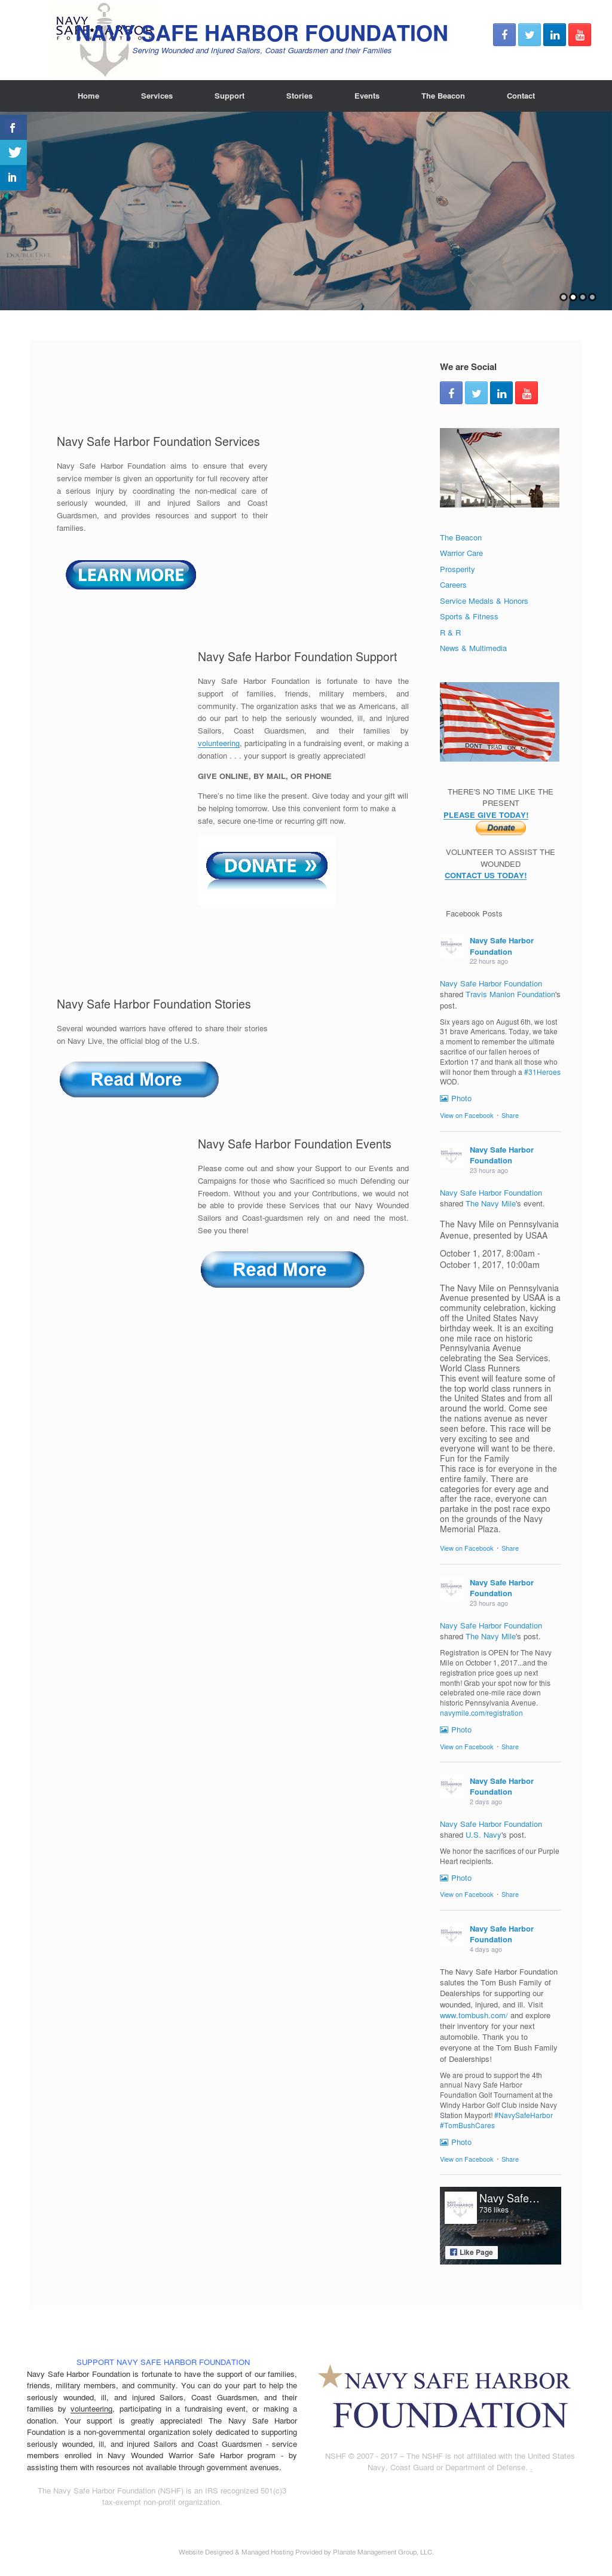 Navy safe website